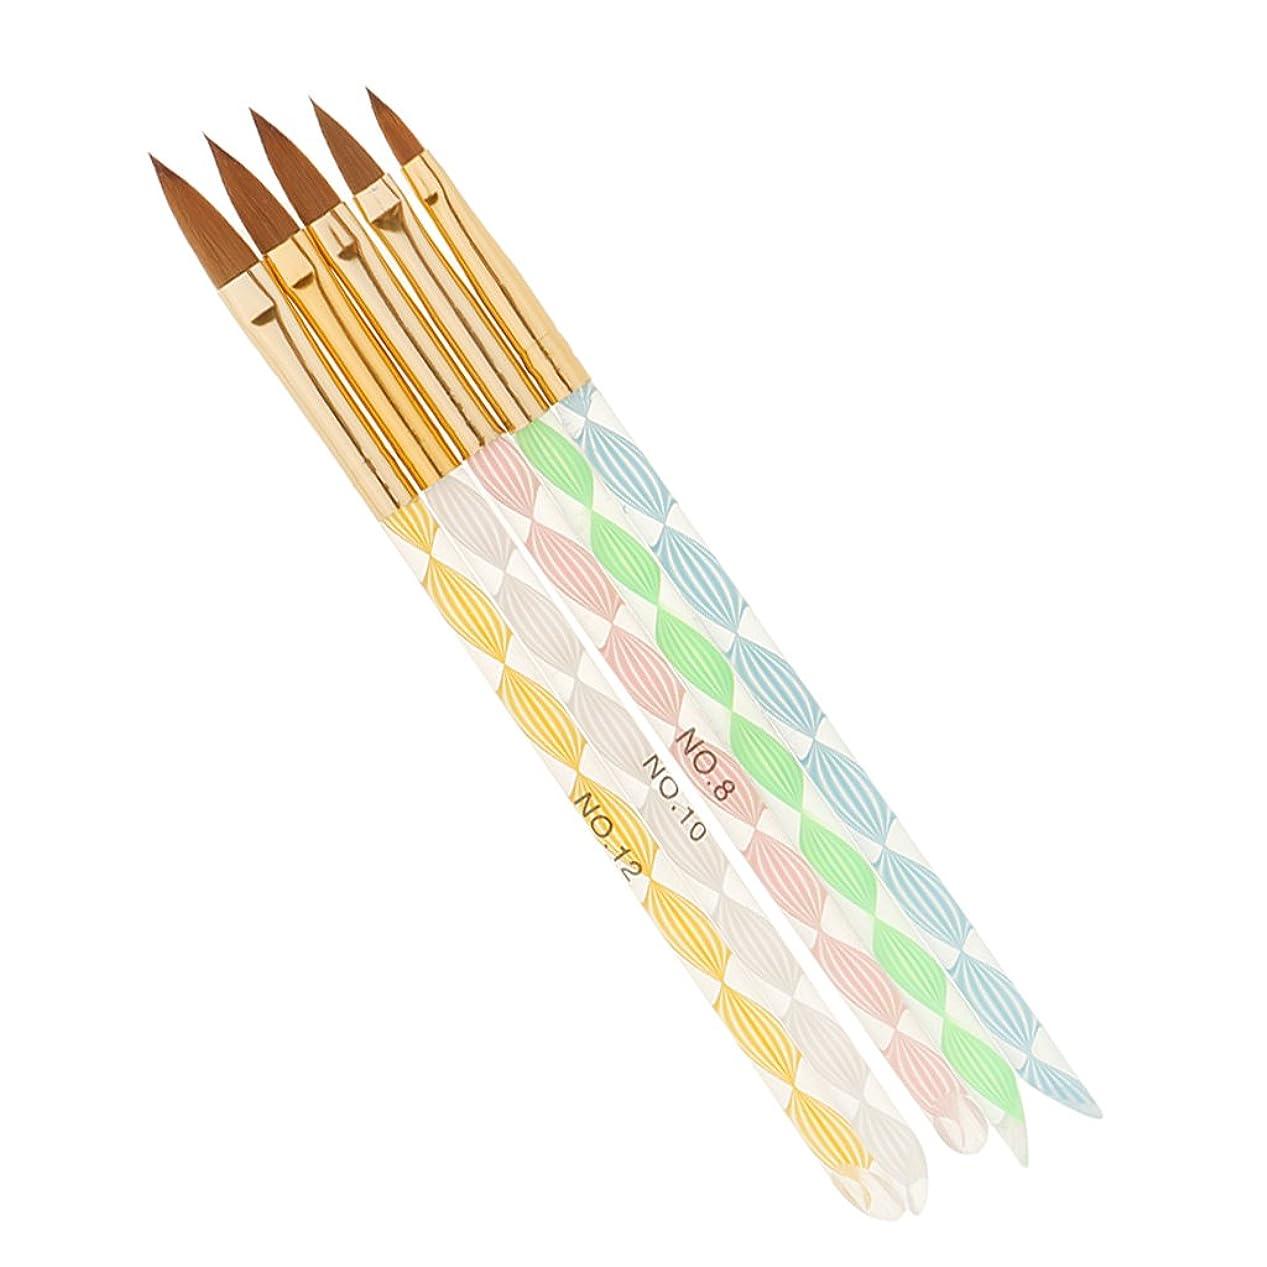 再生可能毒液ミシン目T TOOYFUL ネイルアートデザイン ジェルブラシセット ネイルアートペン DIY 5本セット